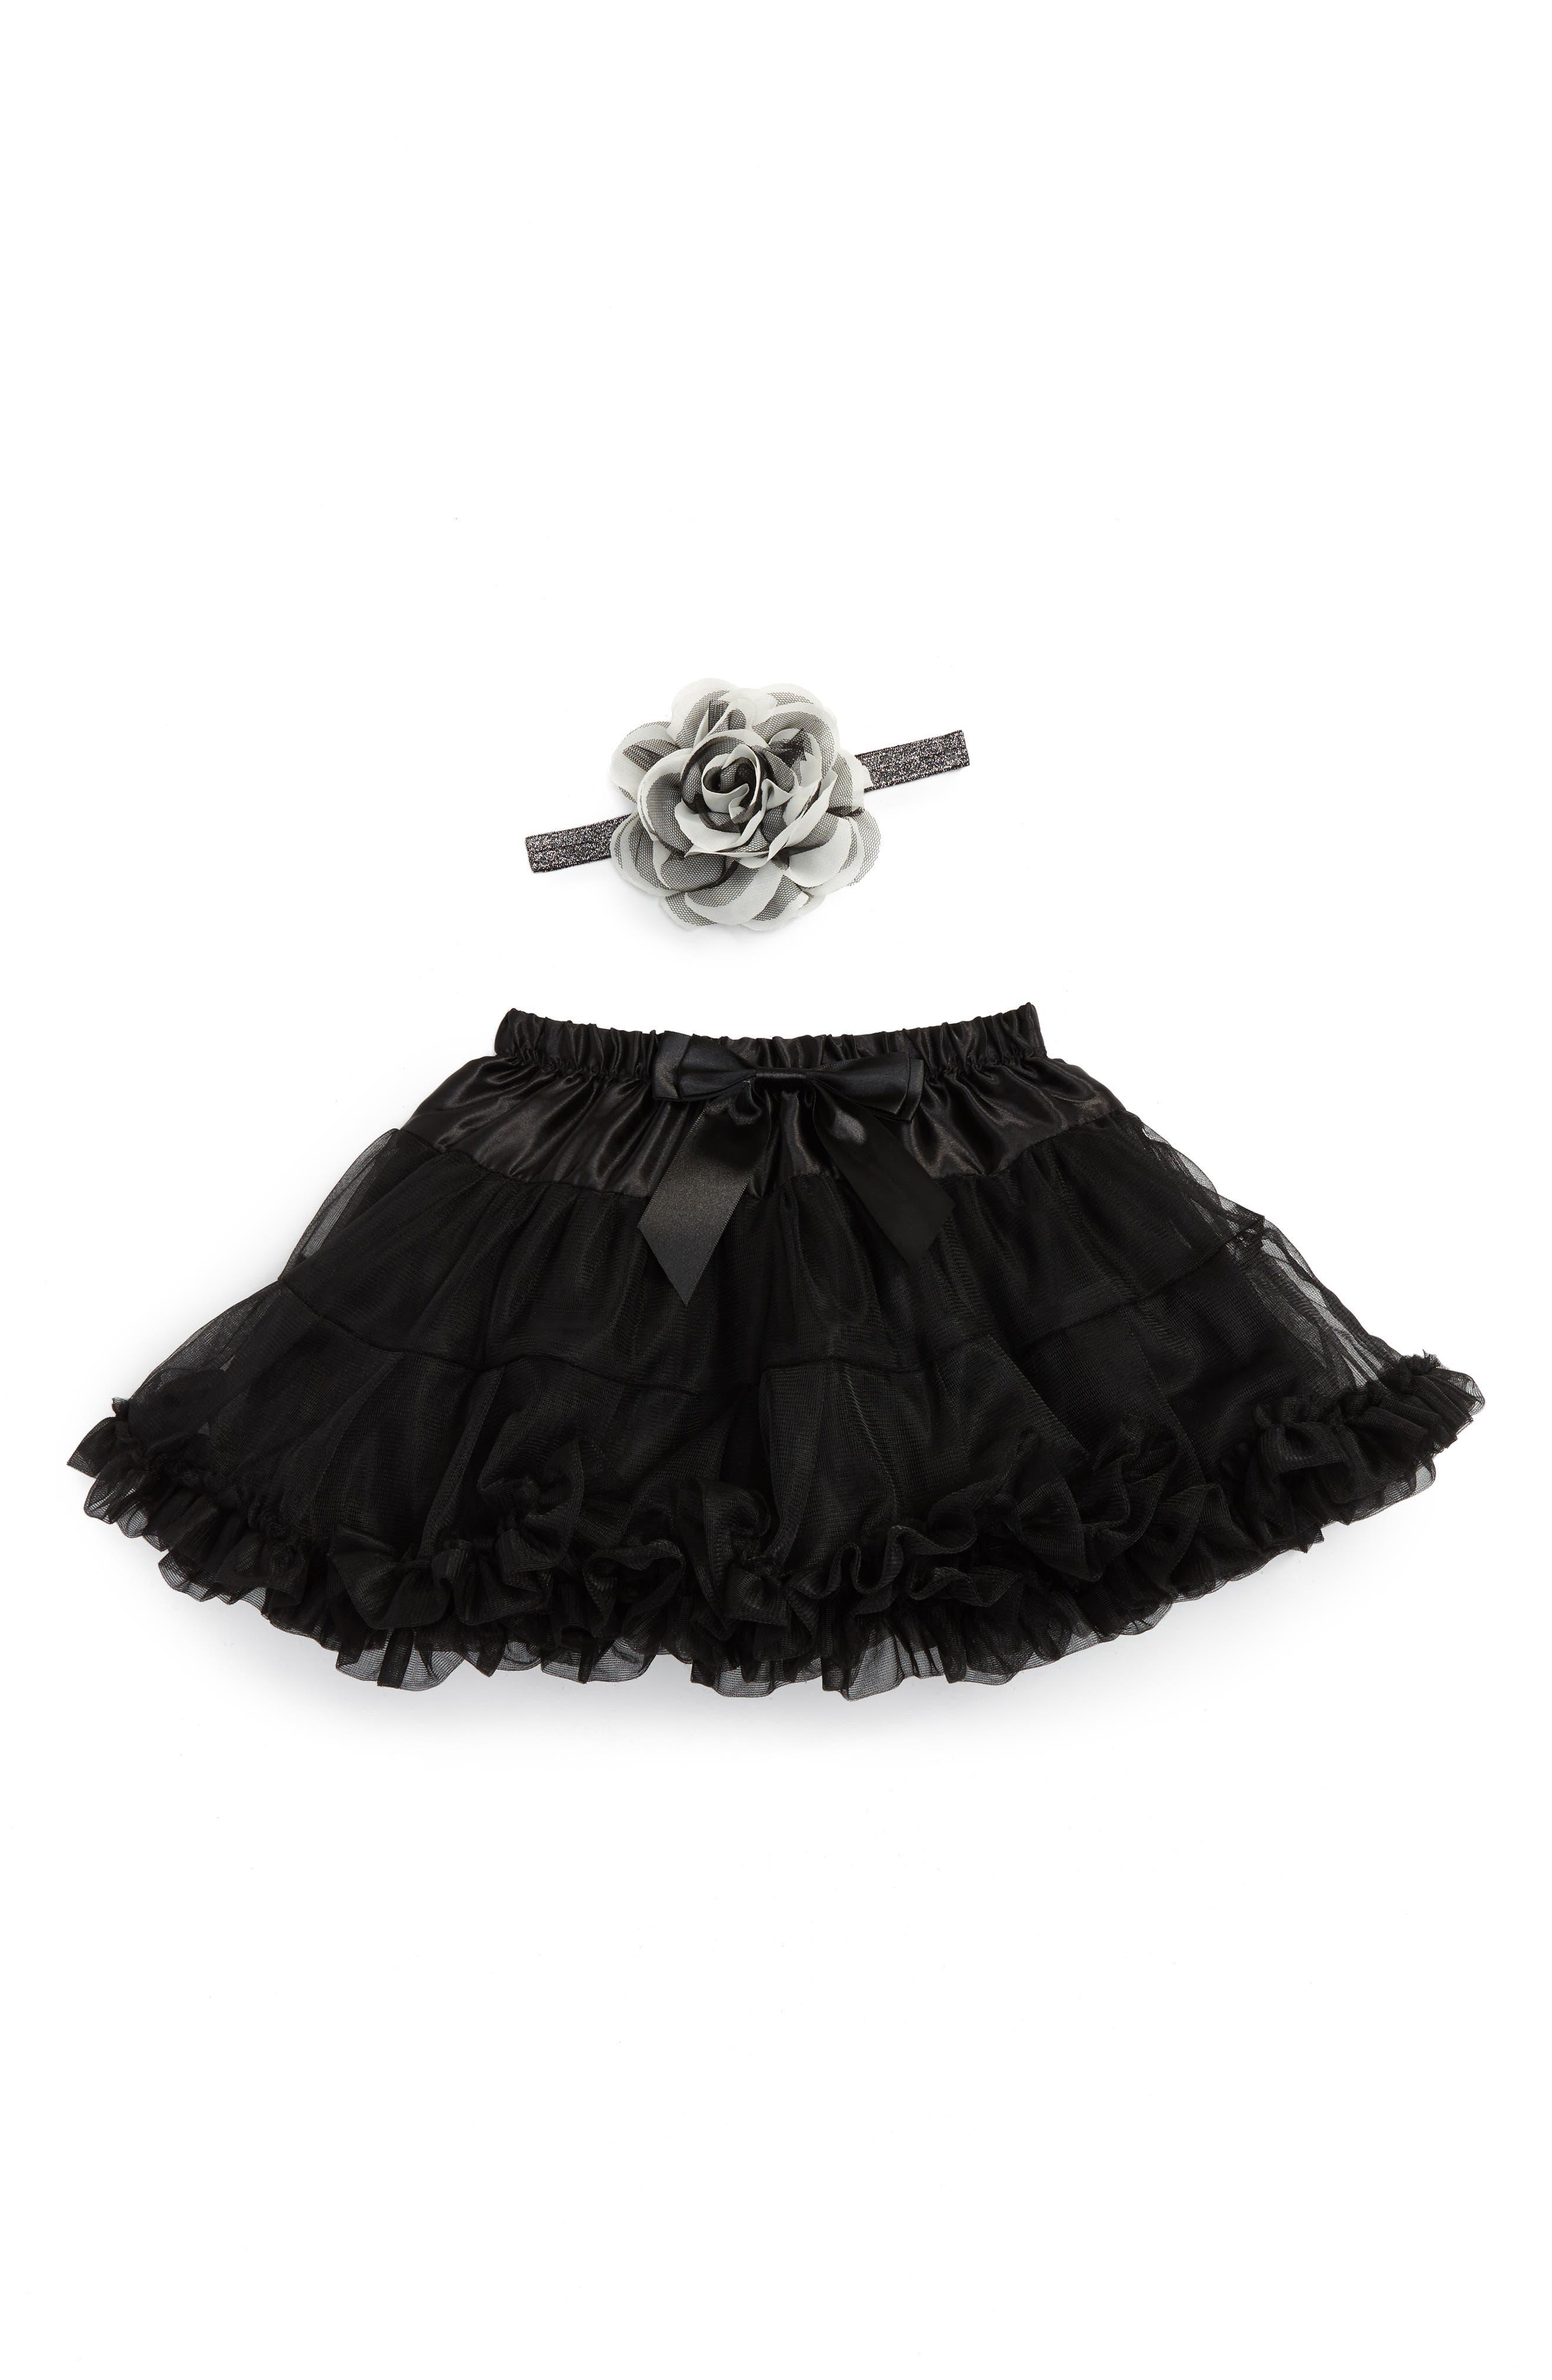 Tutu & Floral Appliqué Head Wrap Set,                             Alternate thumbnail 2, color,                             BLACK